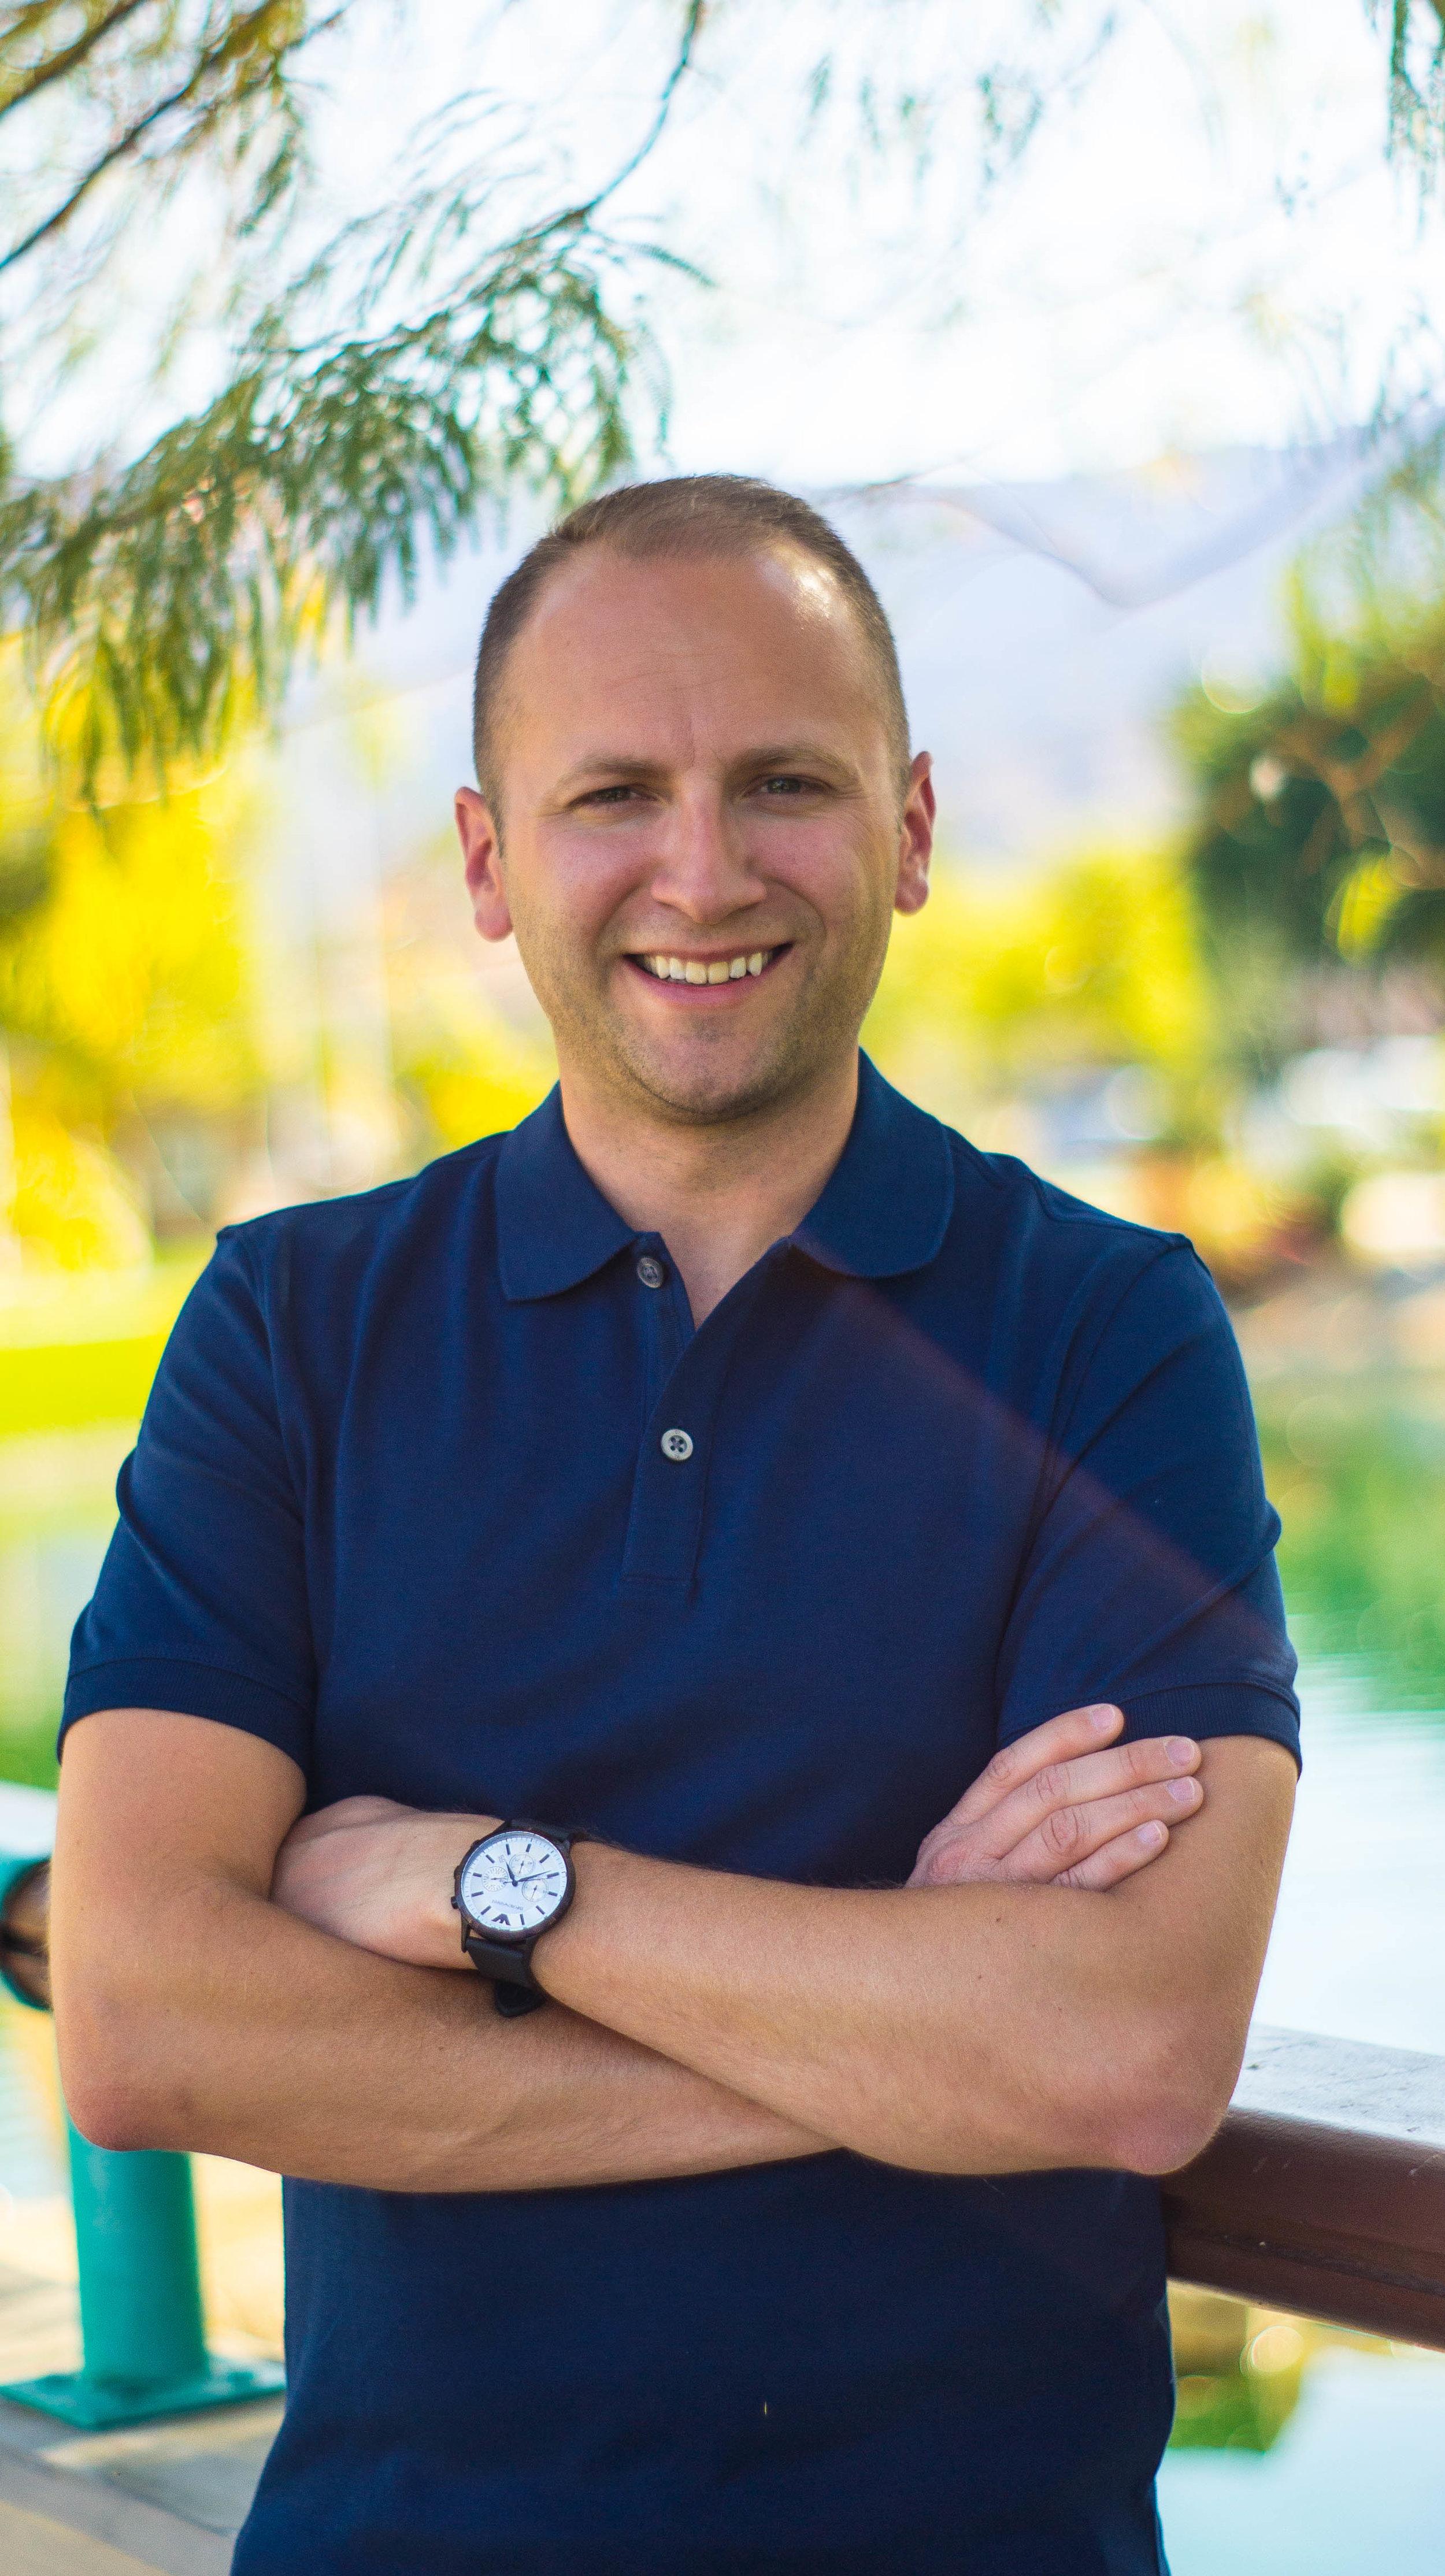 Ryan E. Miccio, Founder & Chief Executive Officer